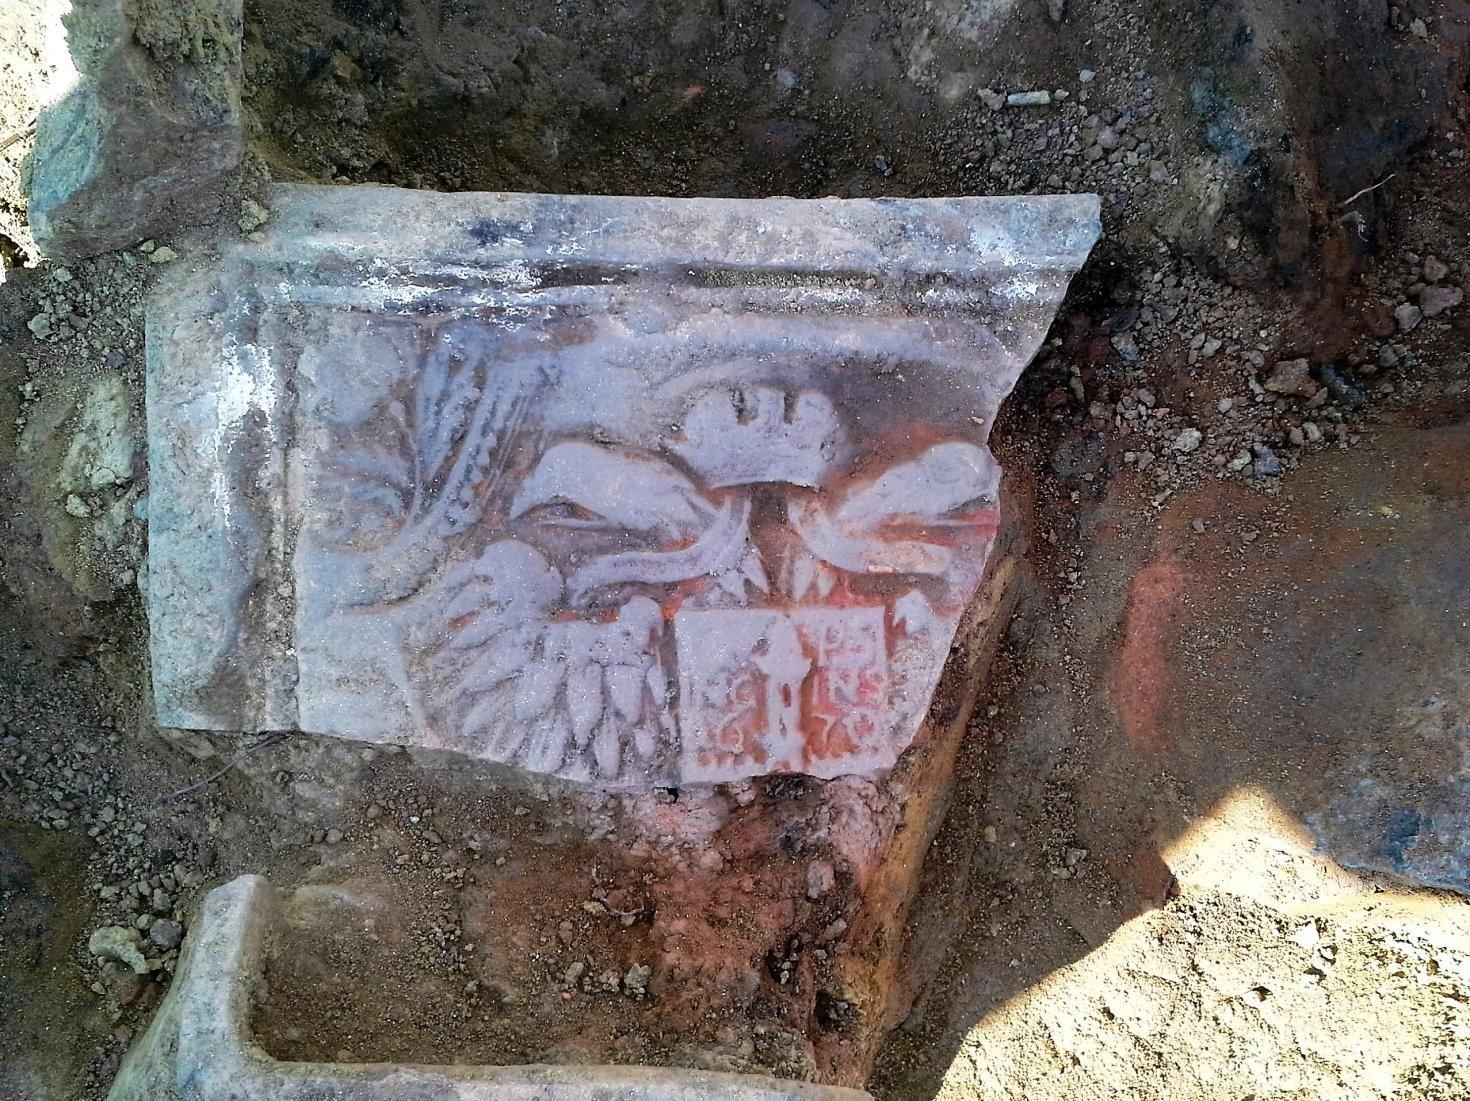 A megyeszékhely középkori várának keleti fala mentén 1670-es dátummal ellátott, kétfejű sassal díszített kályhacsempe töredéket találtak a régészek a Göcseji Múzeum szomszédságában zajló ásatáson, ami a leendő Mindszenty emlékközpont mintegy 900 négyzetméteres területén zajlik.